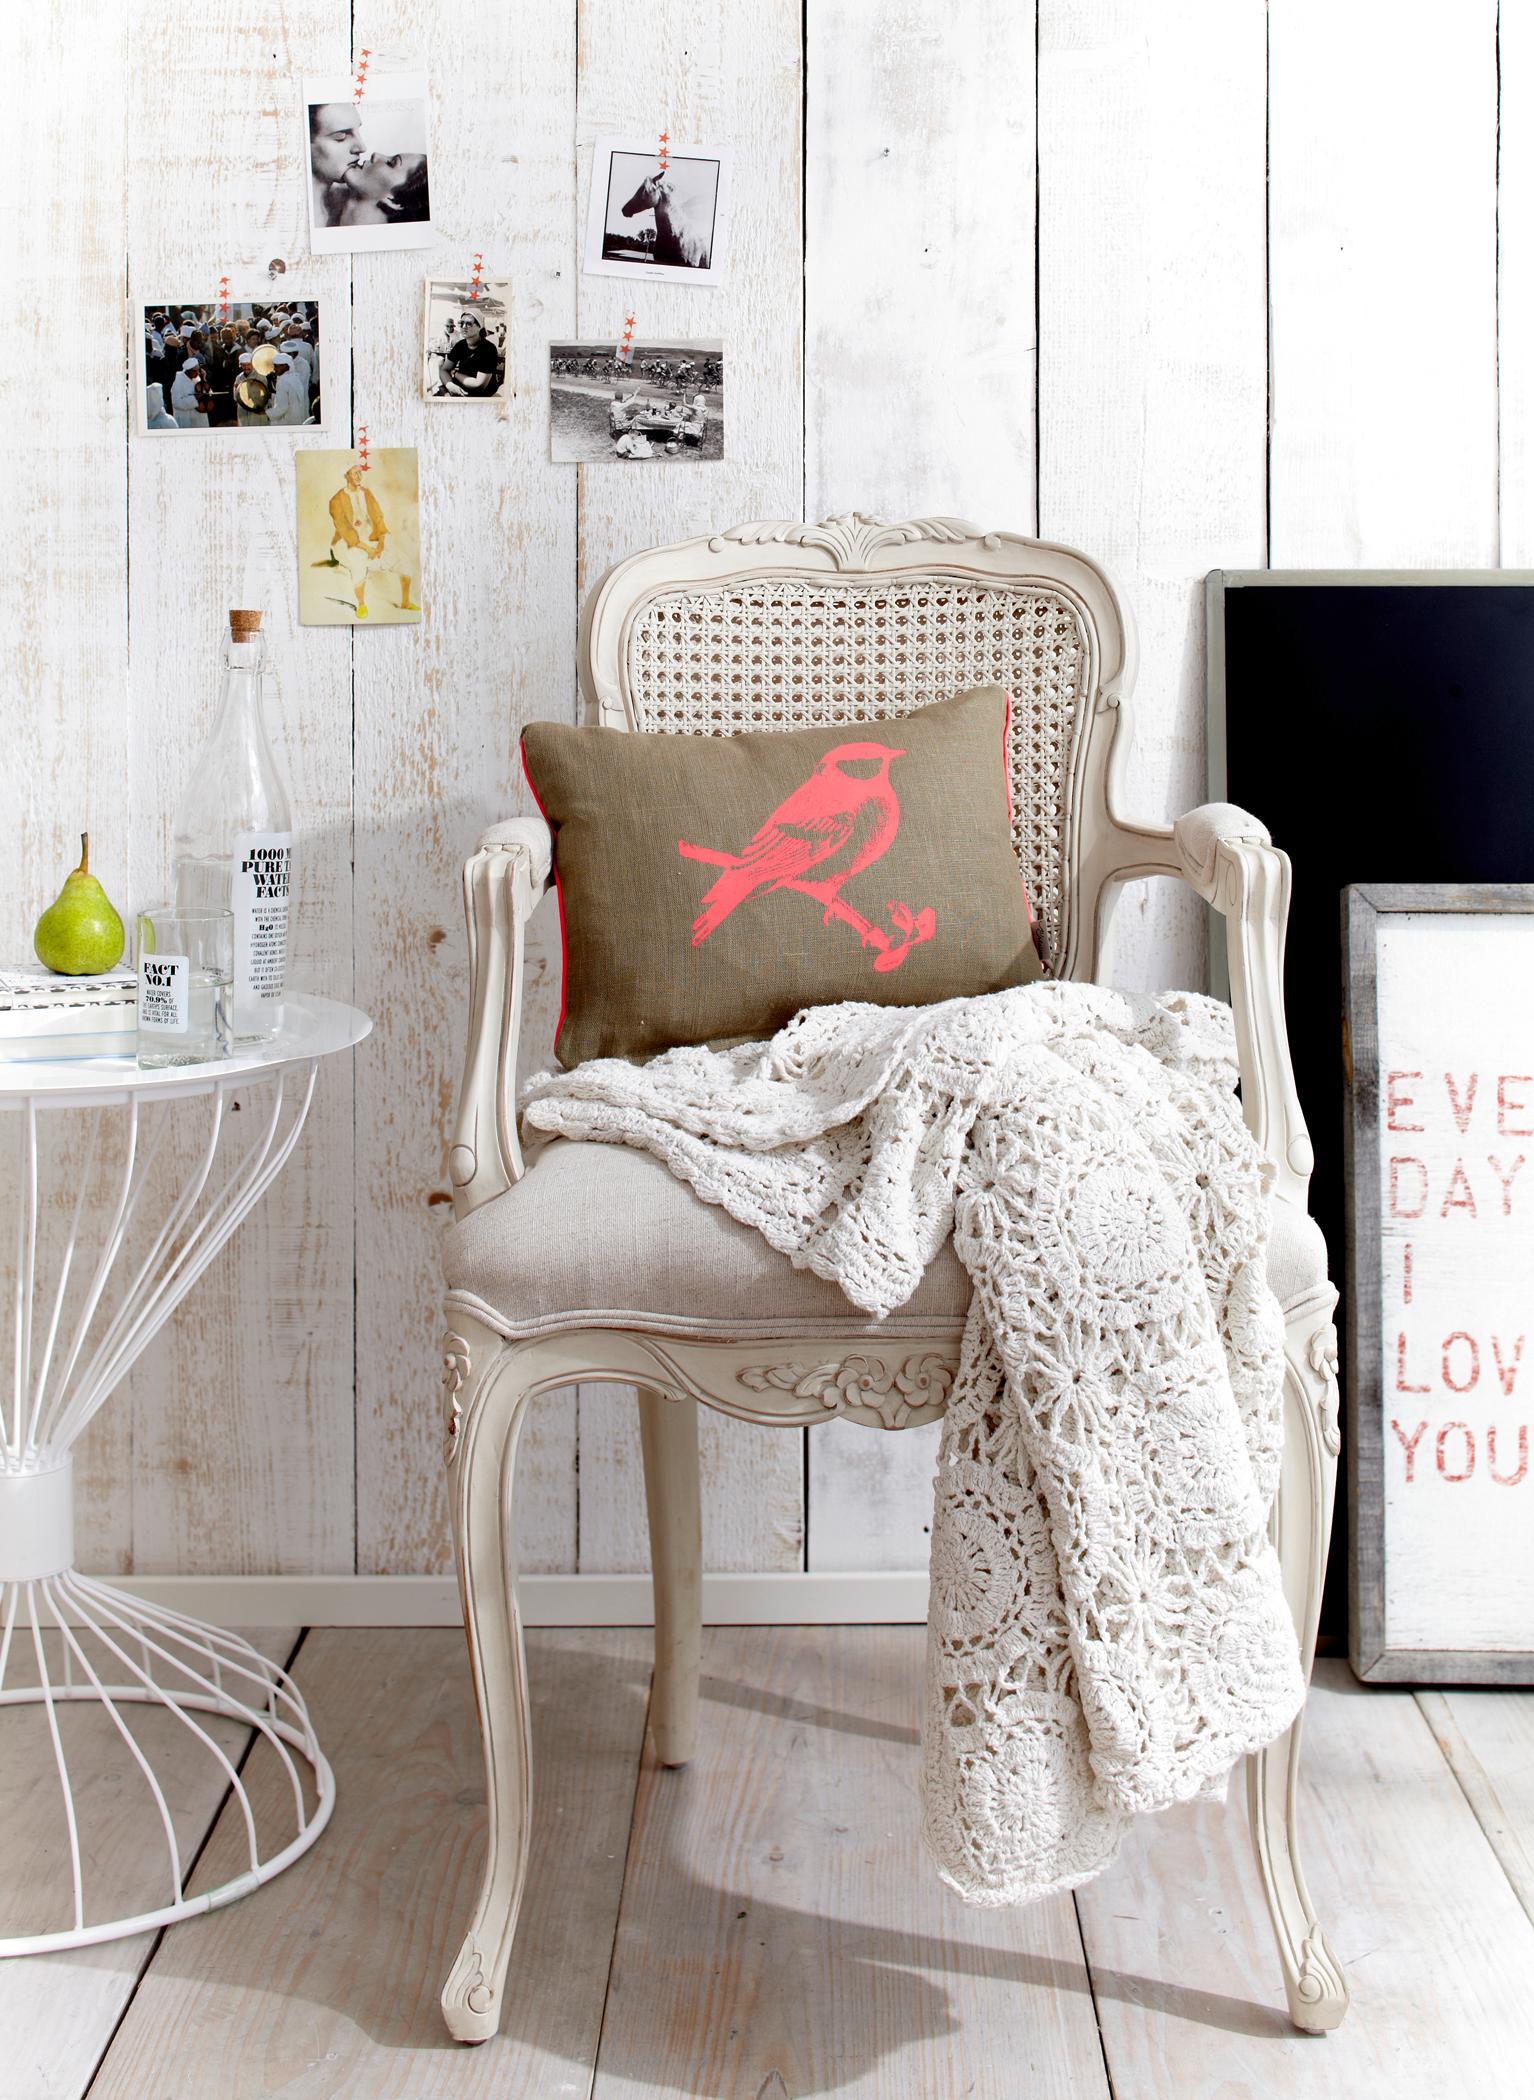 Wandgestaltung Fotos • Bilder & Ideen • Couchstyle